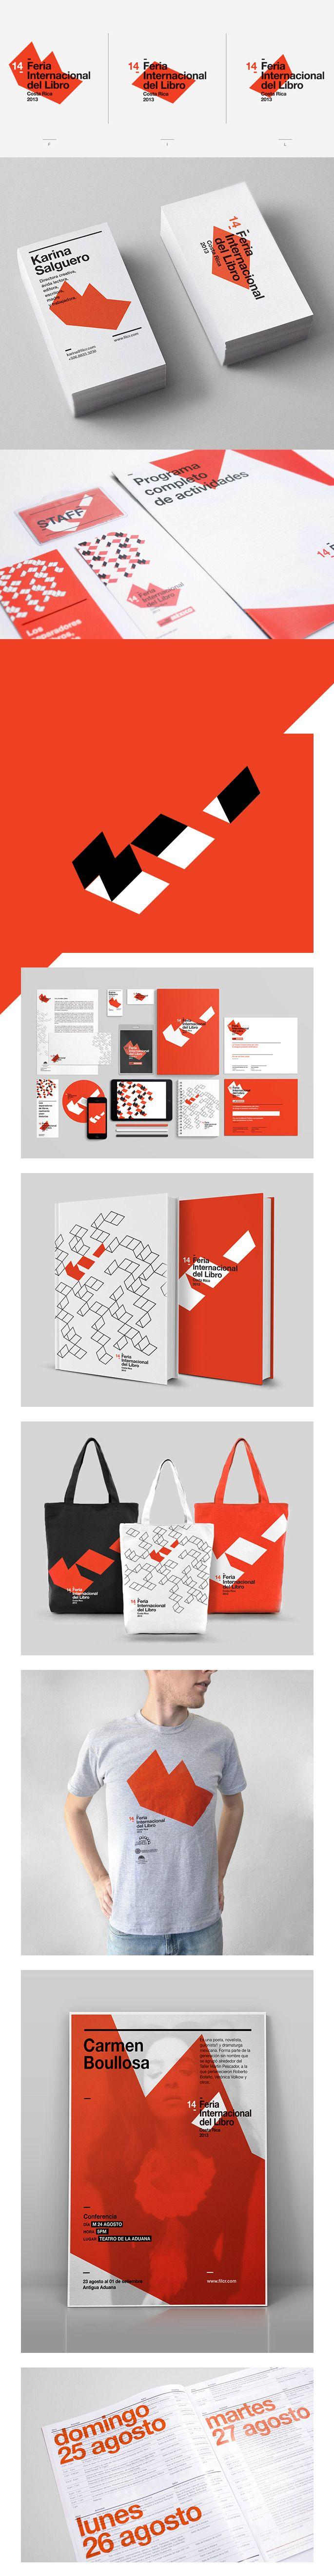 917 best Design y images on Pinterest